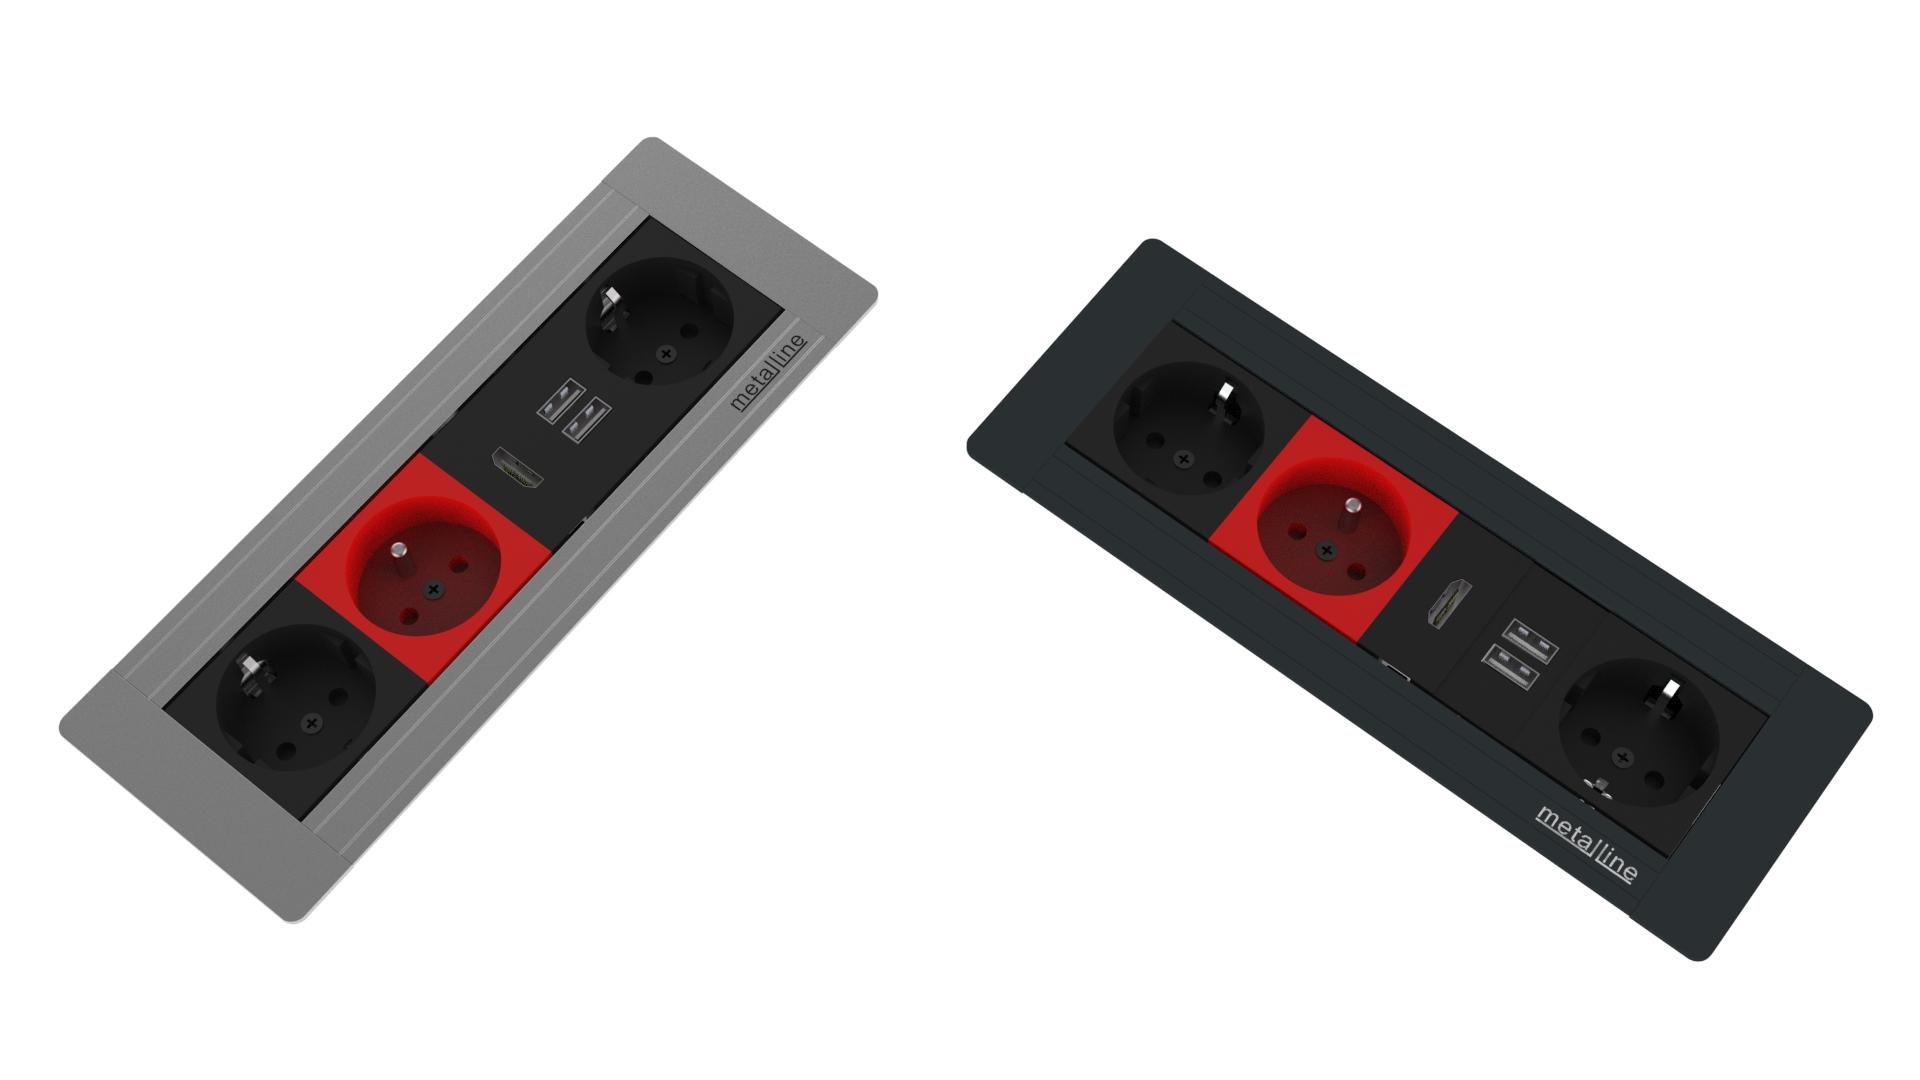 Gömme Priz Sistemleri MET-X-05